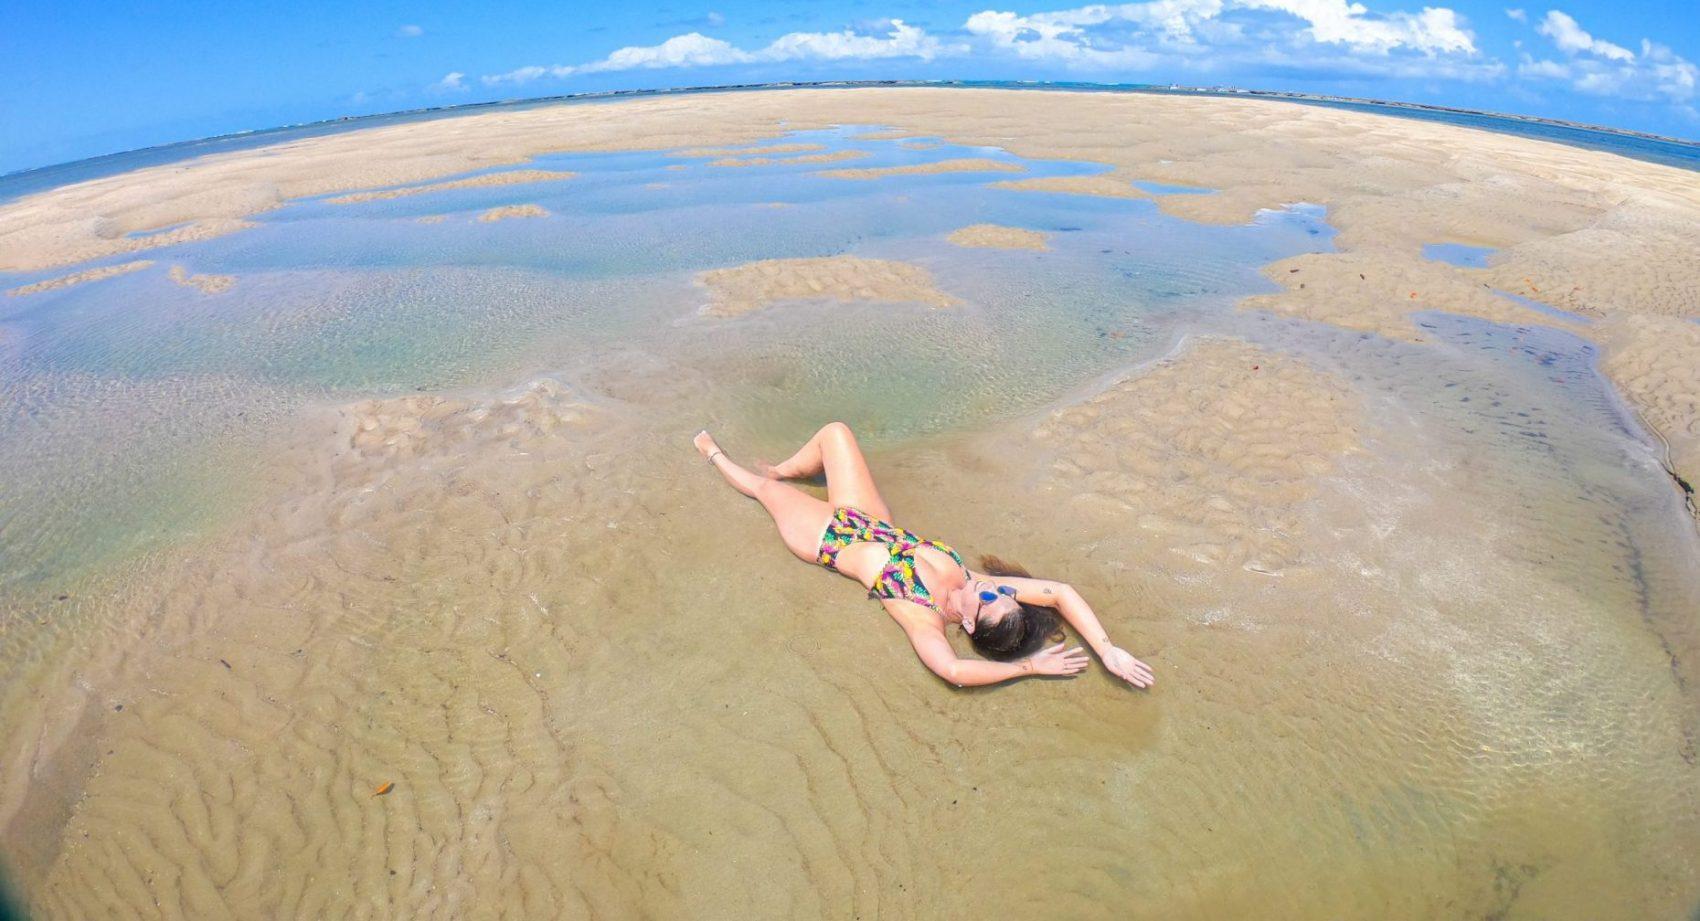 Ensaio na praia com fotógrafo em Porto de Galinhas - Pernambuco